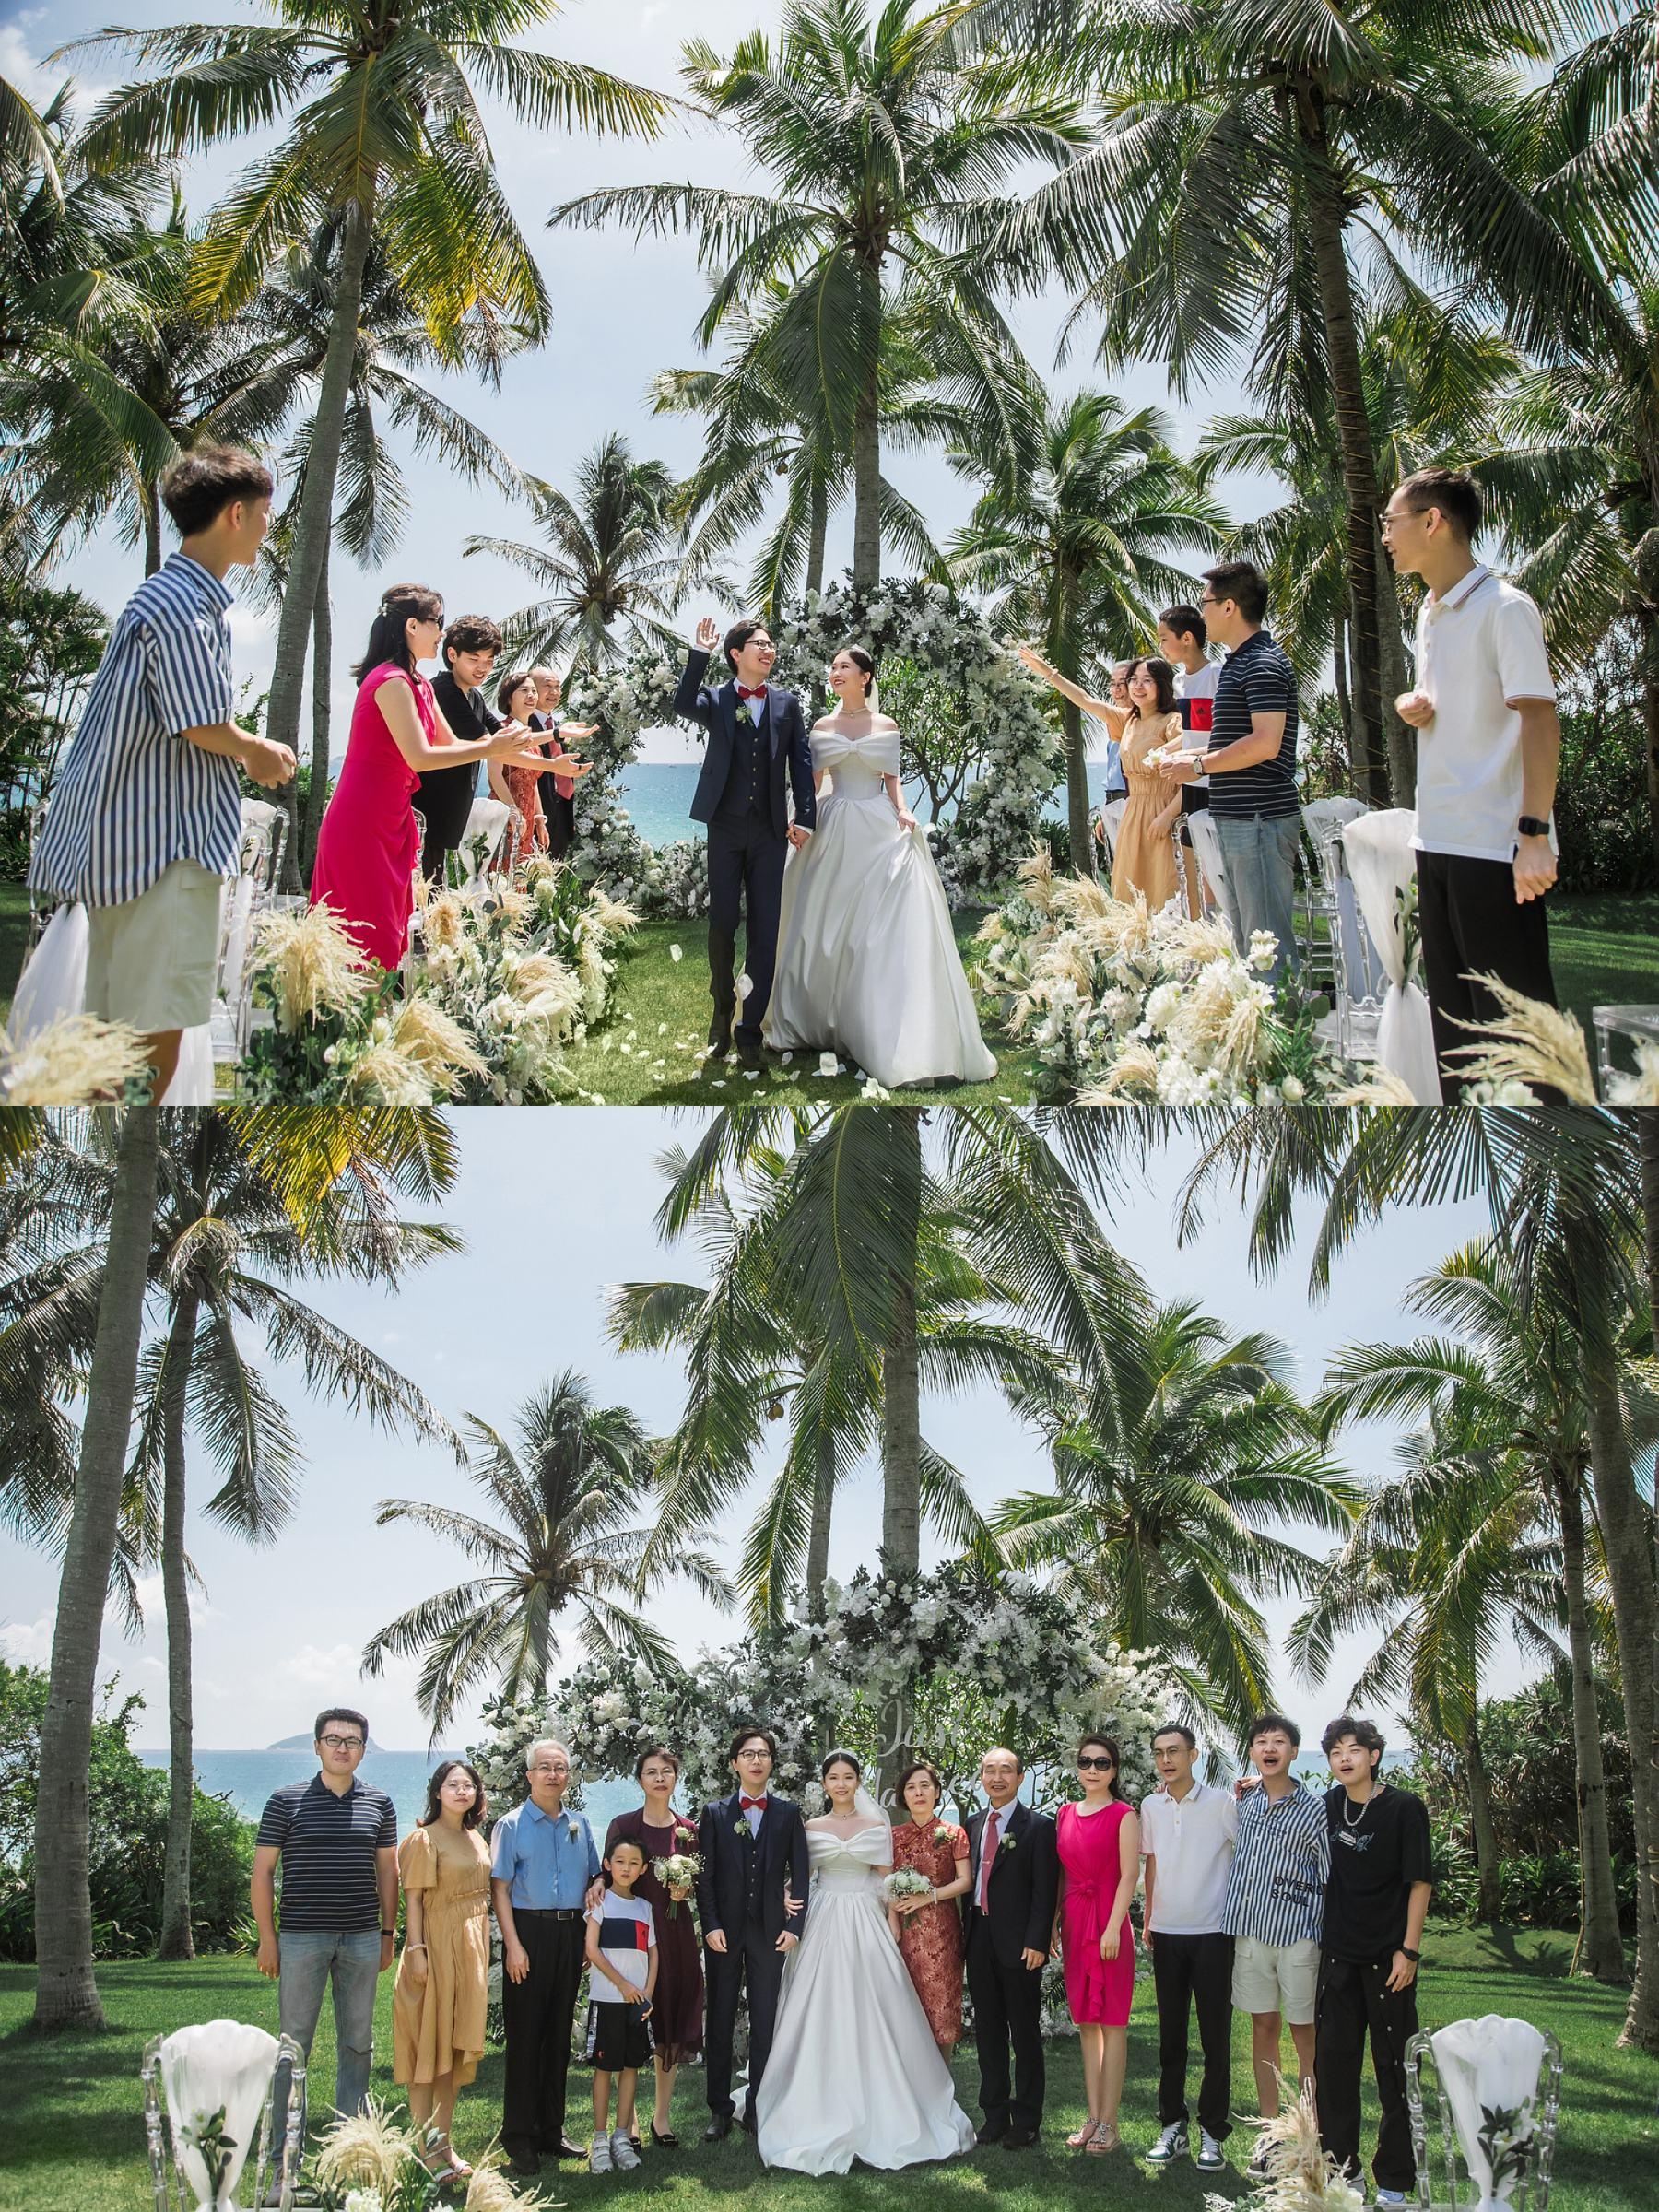 来围观👀99%的女生梦想中❤️的婚礼